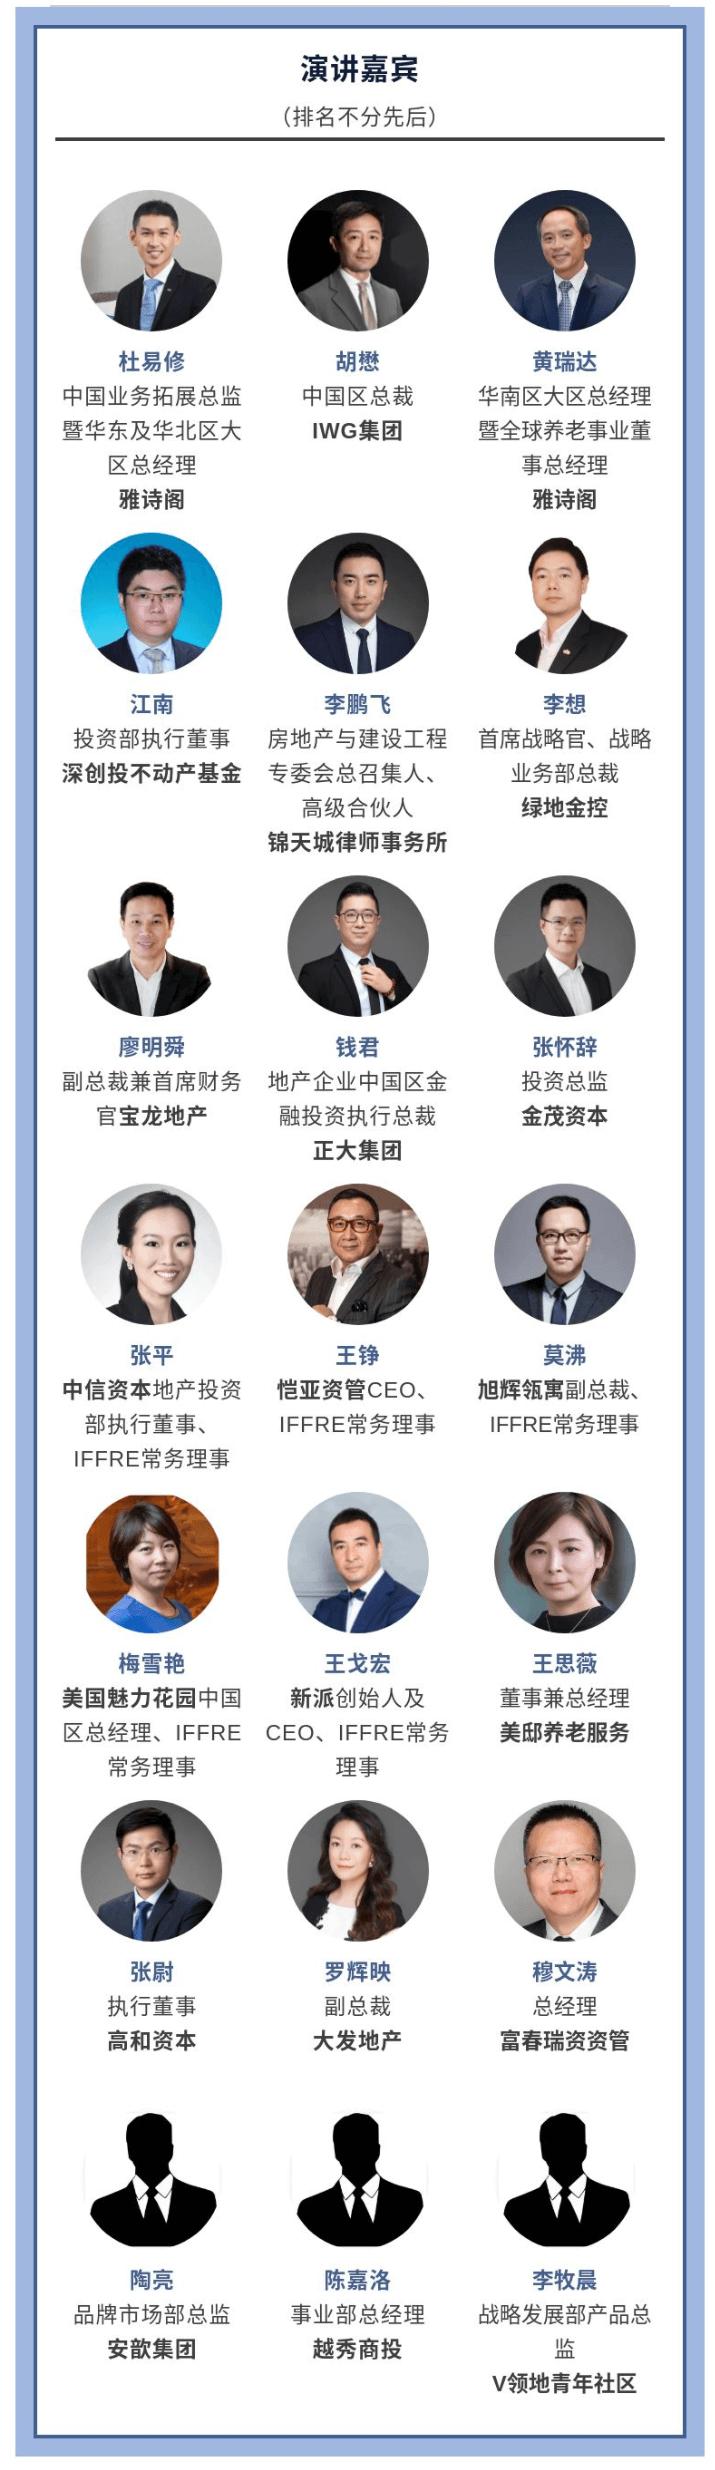 第五屆地產股權投資與資產管理年會